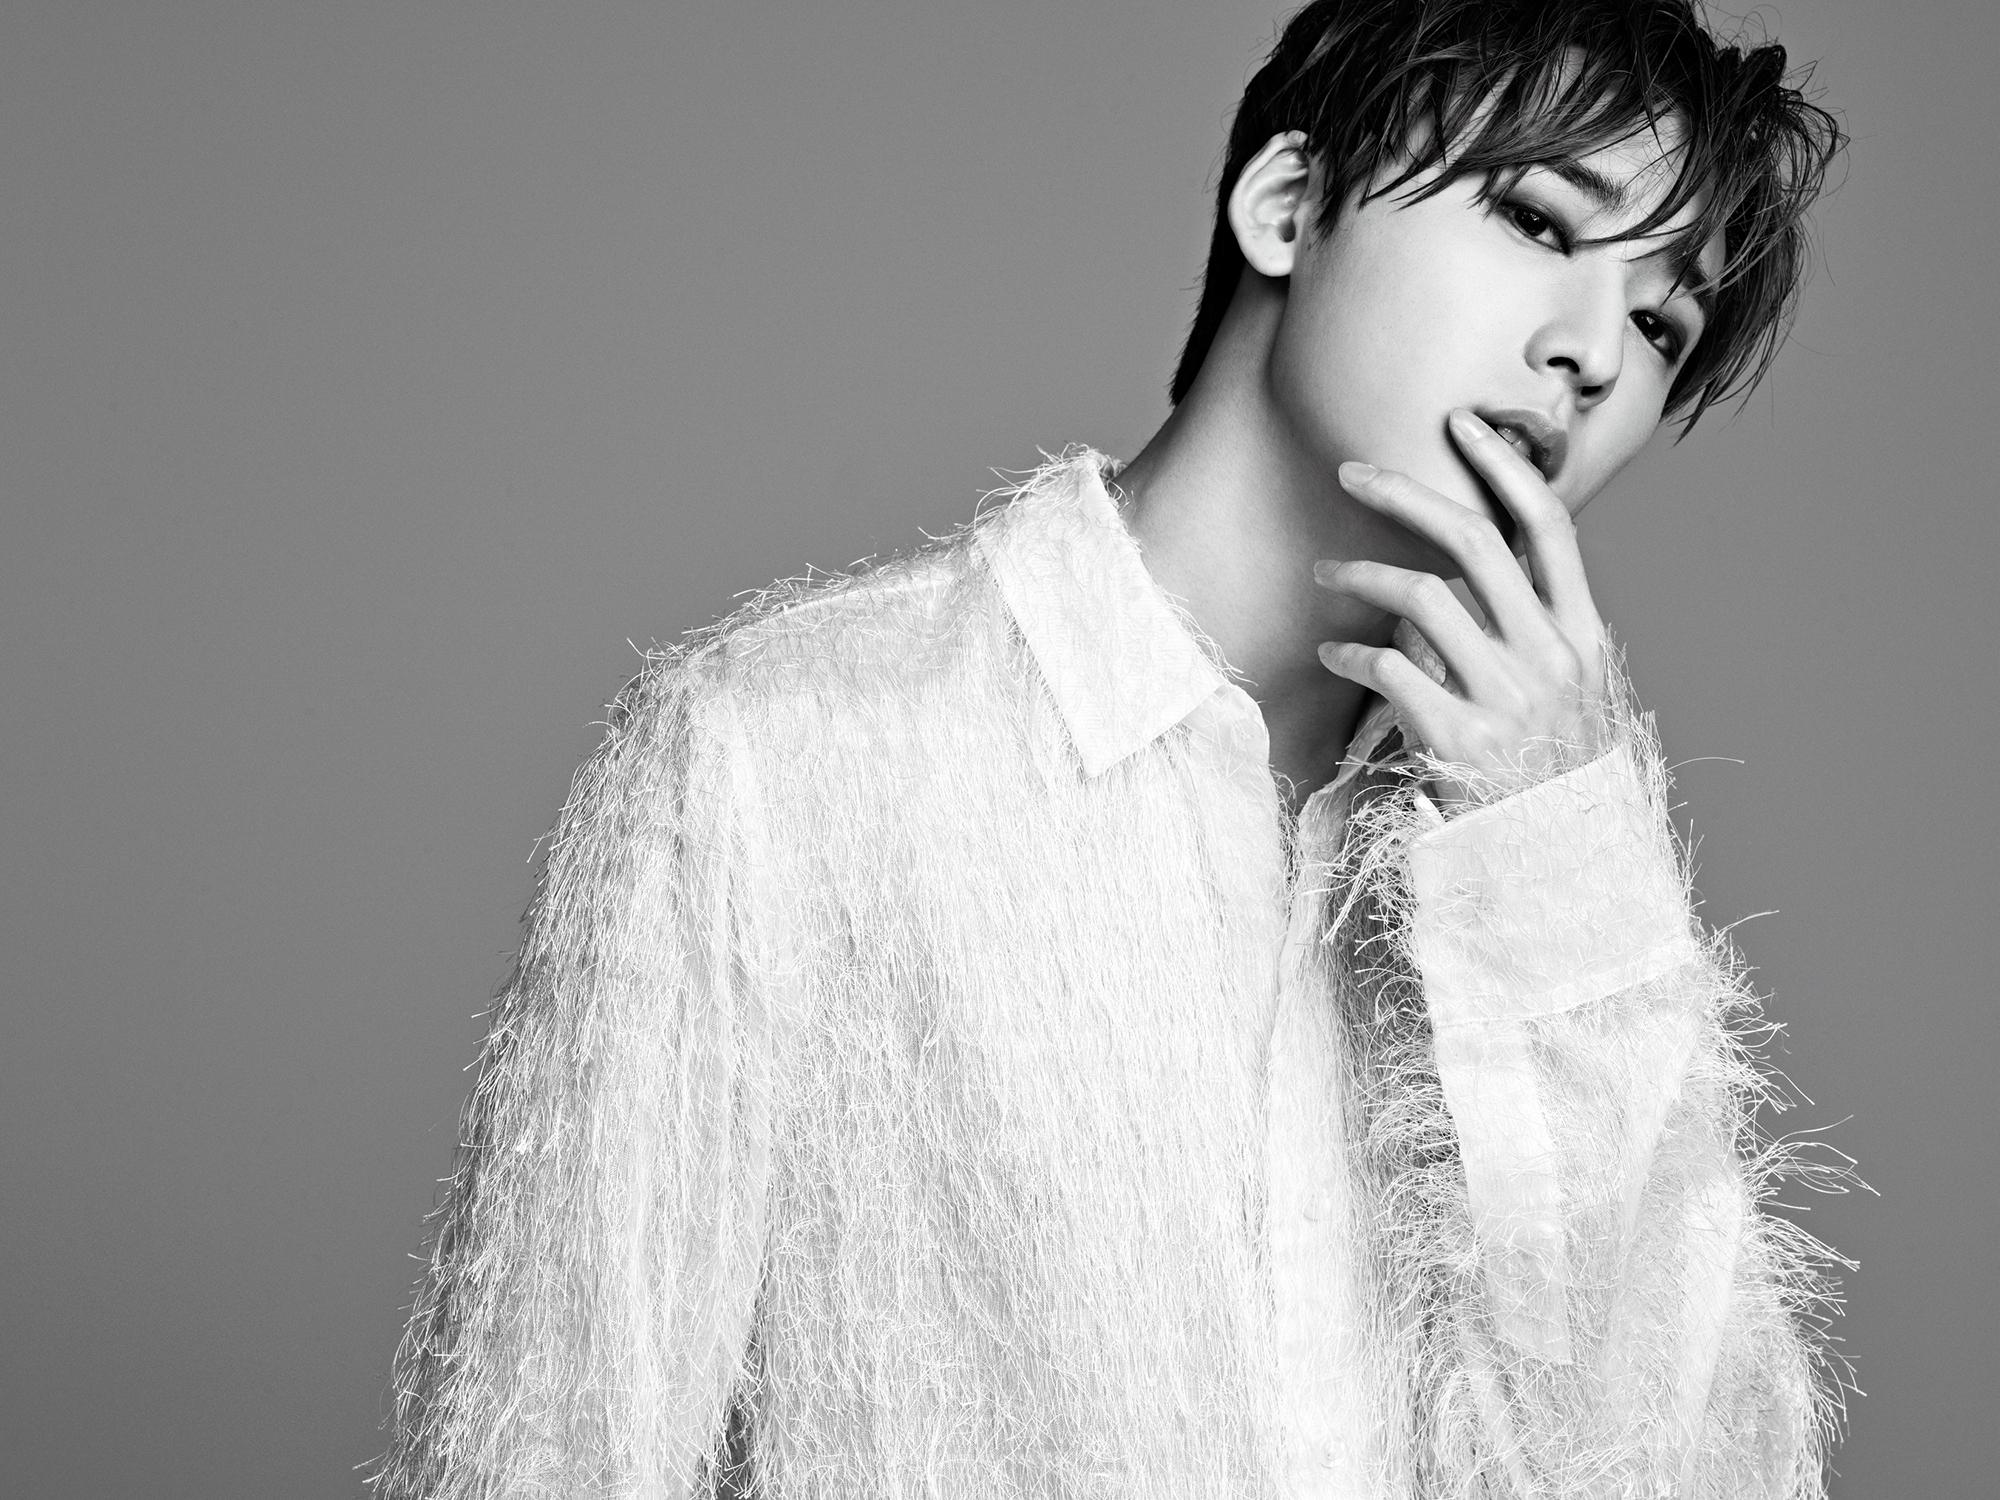 Kevin de U-KISS hará su debut en solitario en Japón